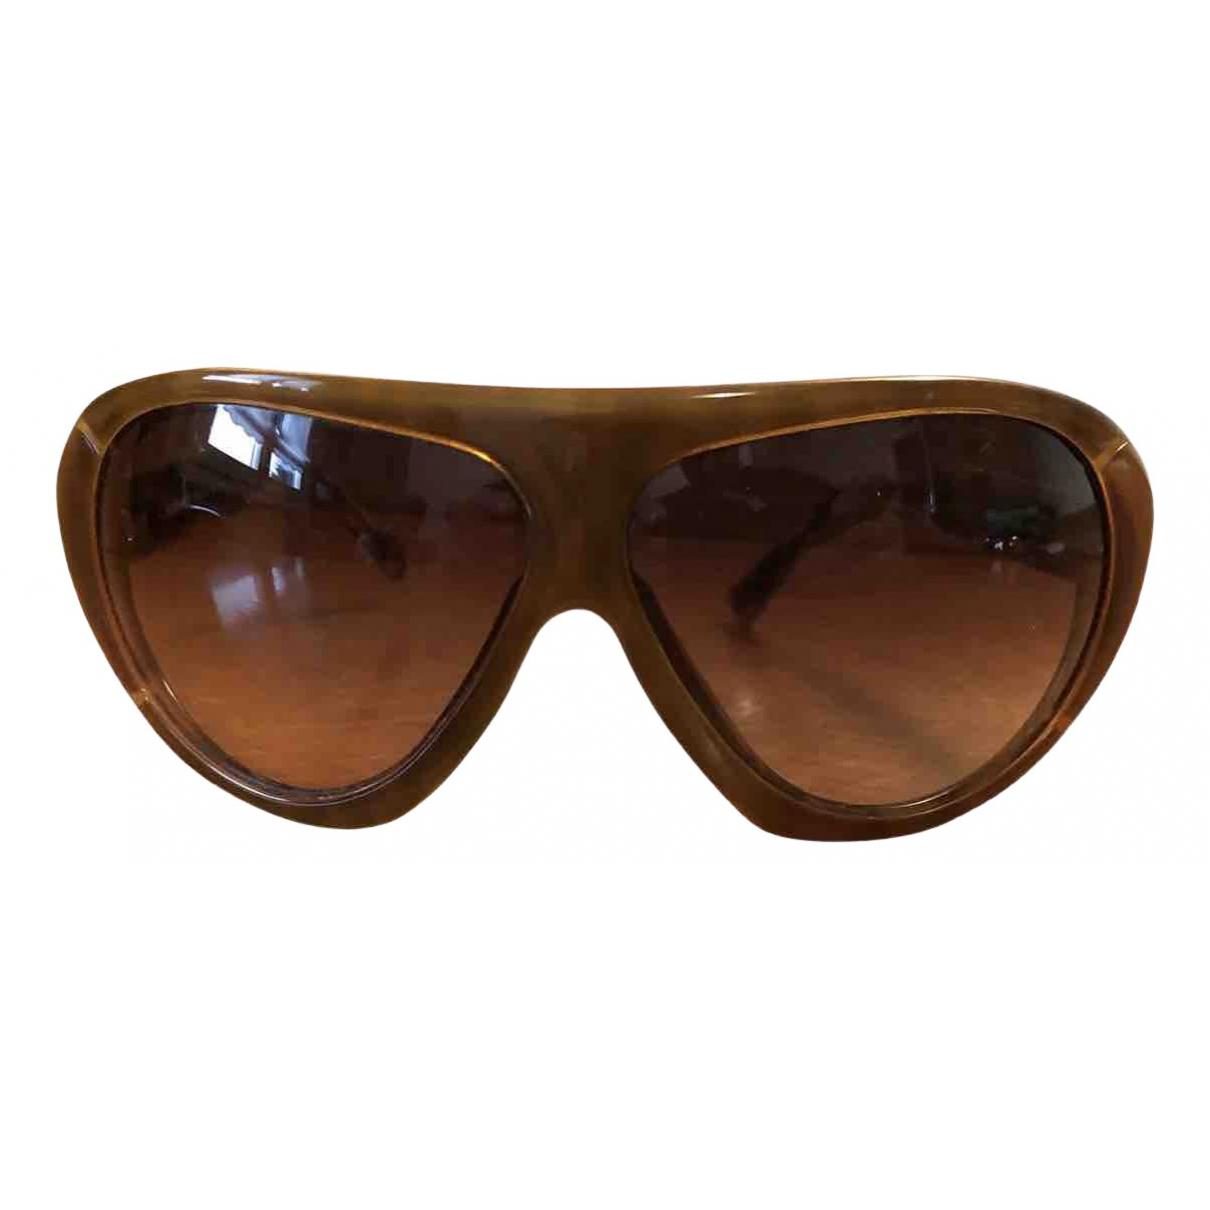 Versace - Lunettes   pour homme - marron